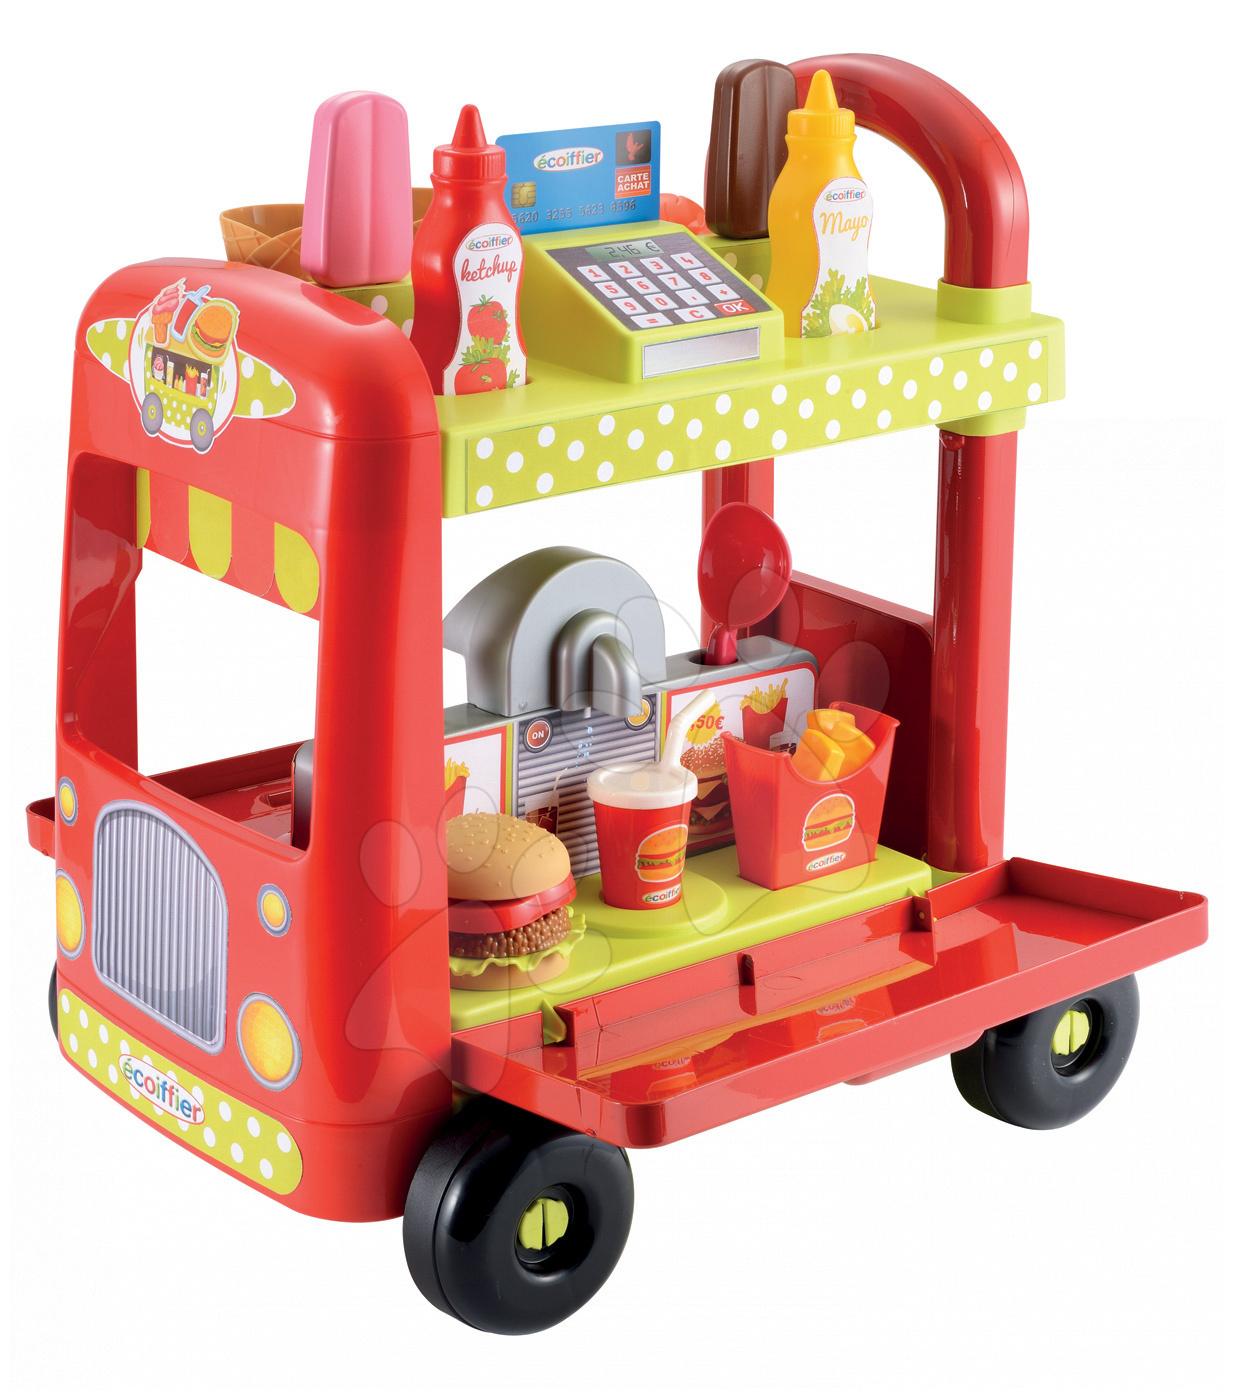 Trgovine za otroke - Sladoledarski voziček 100% Chef Écoiffier s hamburgerji z 29 dodatki od 18 mes